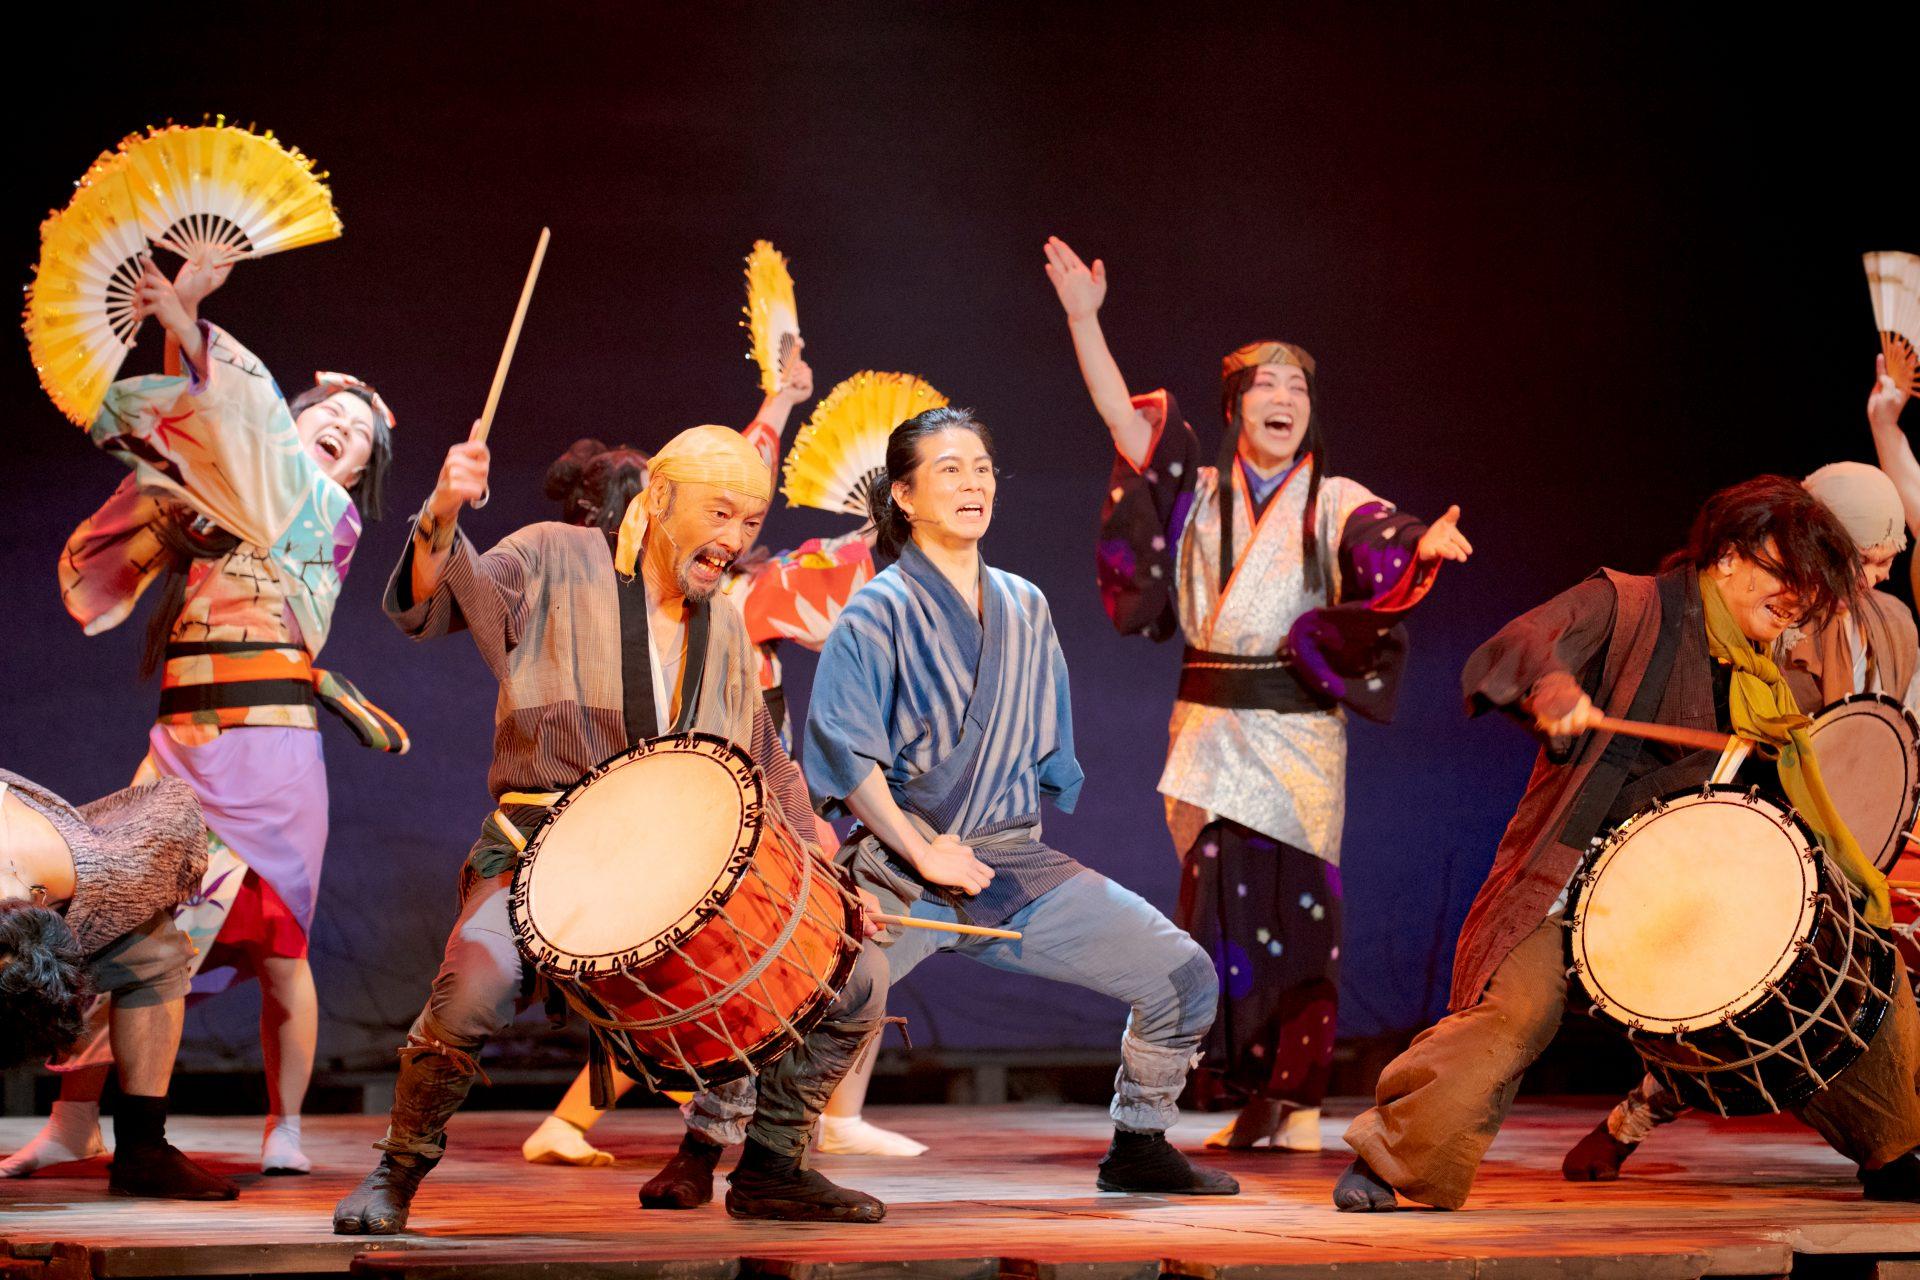 鹿おどりのシーン。太鼓を叩く人、扇子を持って舞う人などが舞台上にいる。